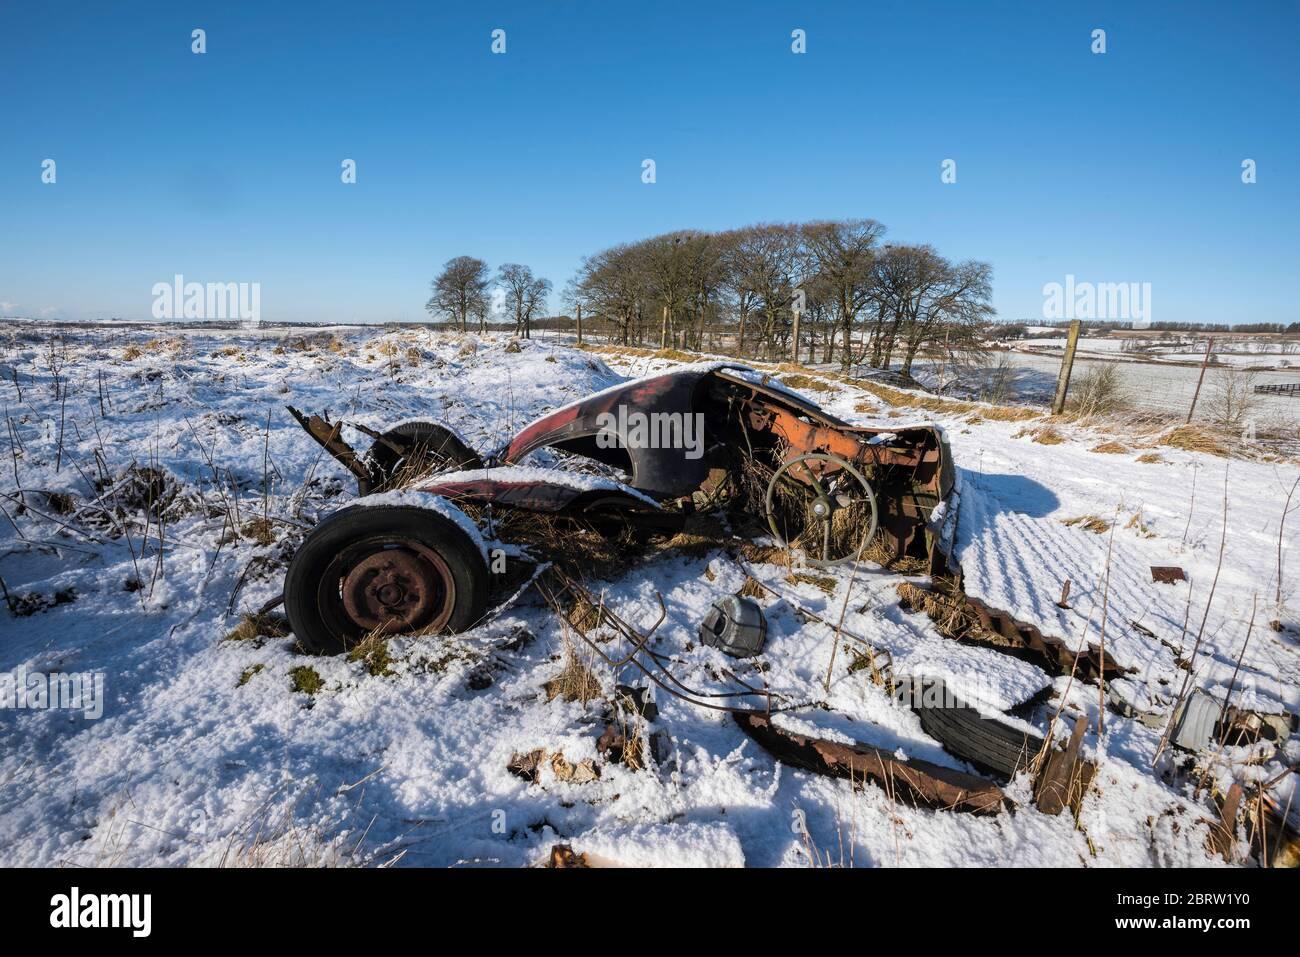 Épave de voitures dans un champ couvert de neige à Lanarkshire, en Écosse Banque D'Images